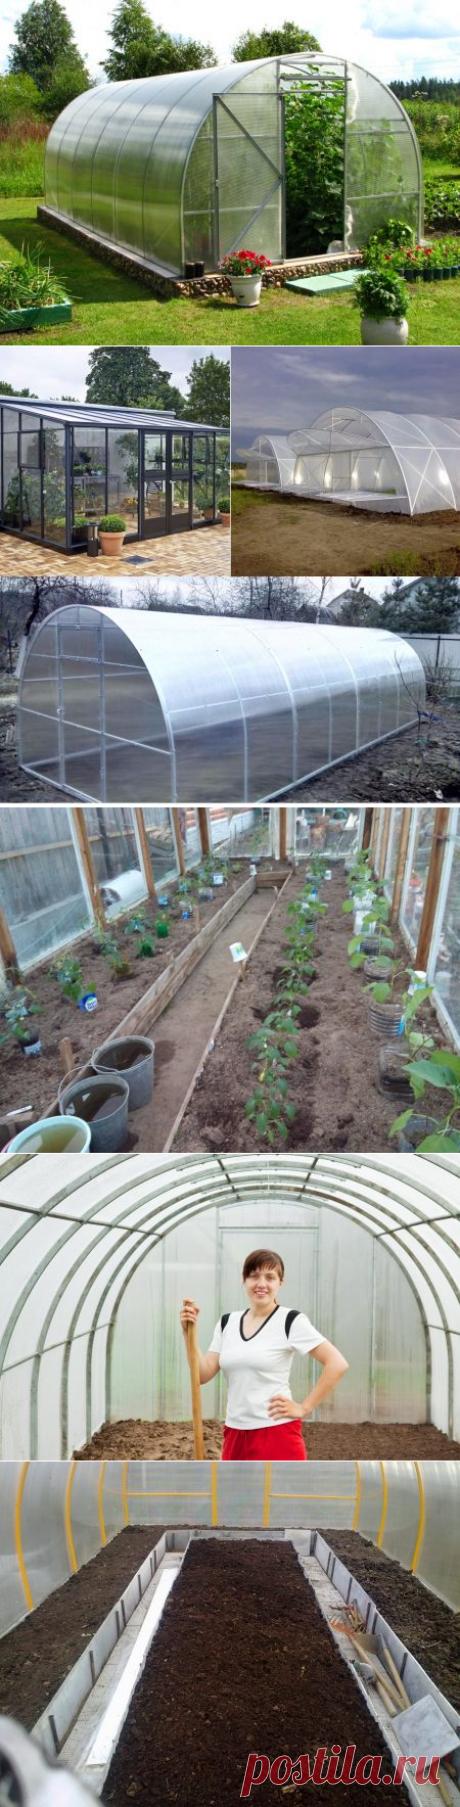 Когда высаживать рассаду в теплицу из поликарбоната в Подмосковье